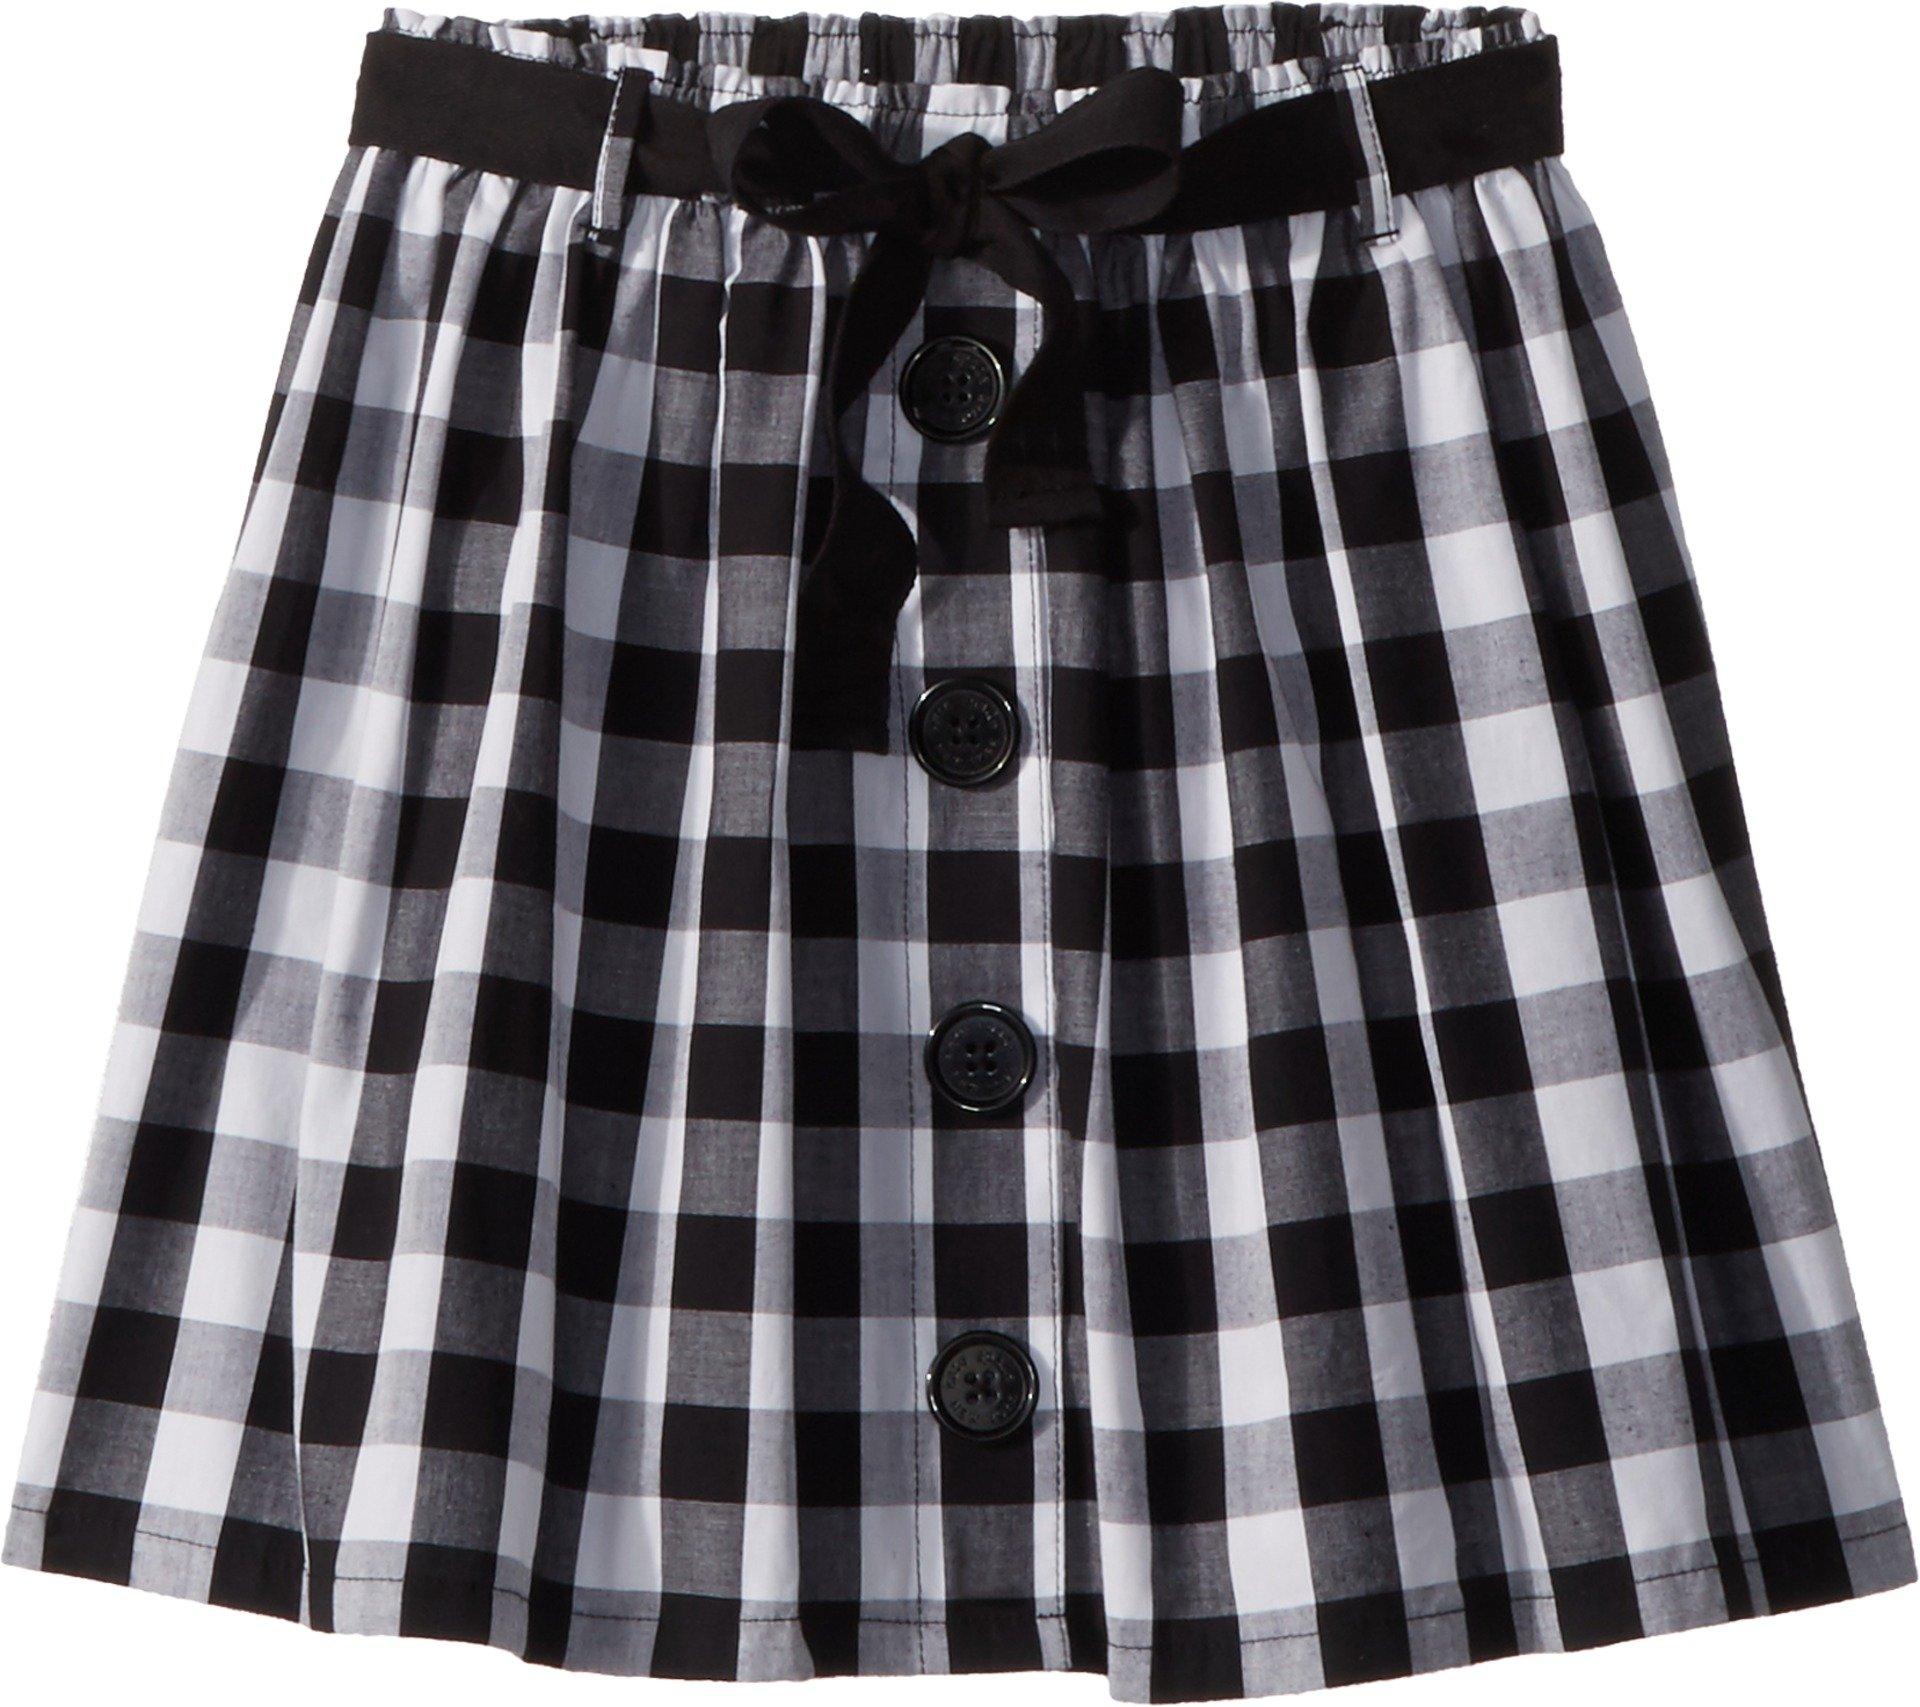 Kate Spade New York Kids Girl's Gingham Skirt (Big Kids) Fresh White/Black 7